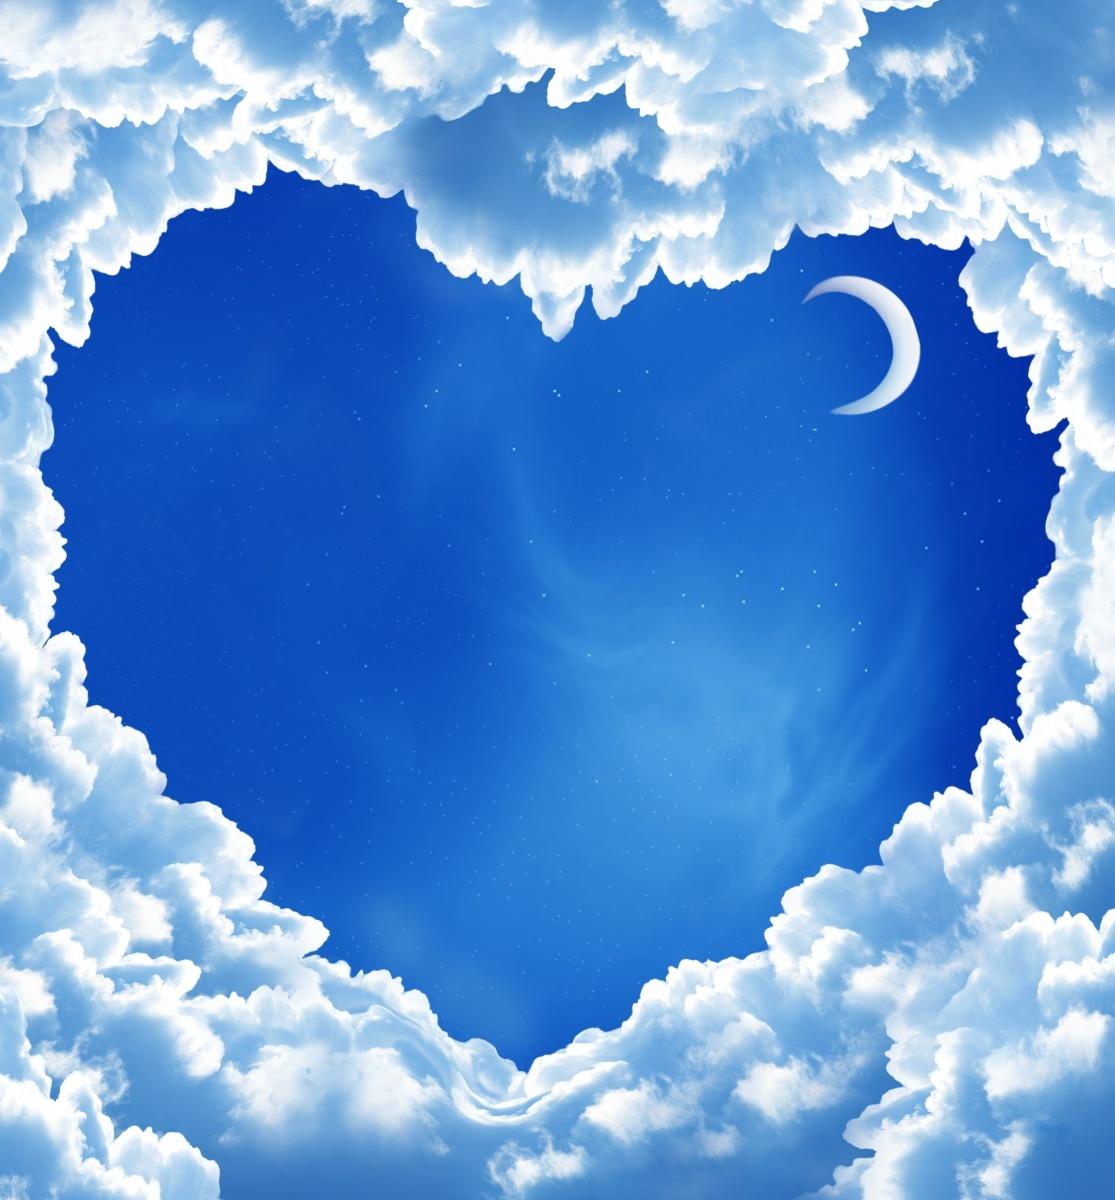 Небо в виде сердца — Heart sky